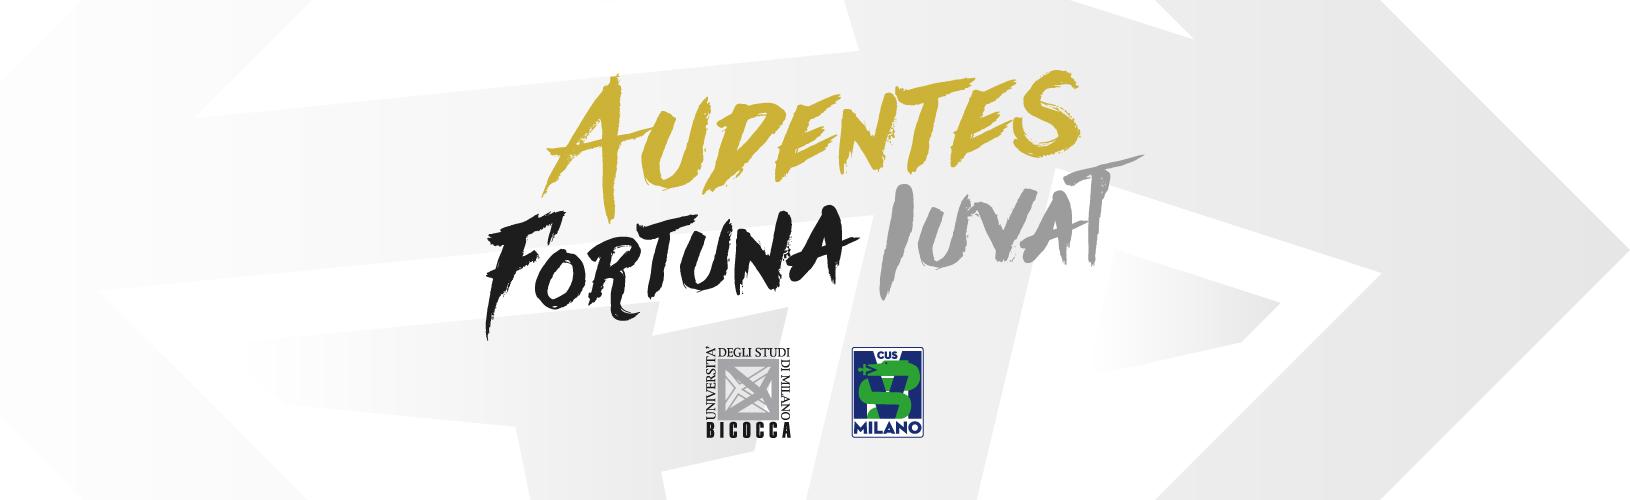 CUS Bicocca - Audentes Fortuna Iuvat